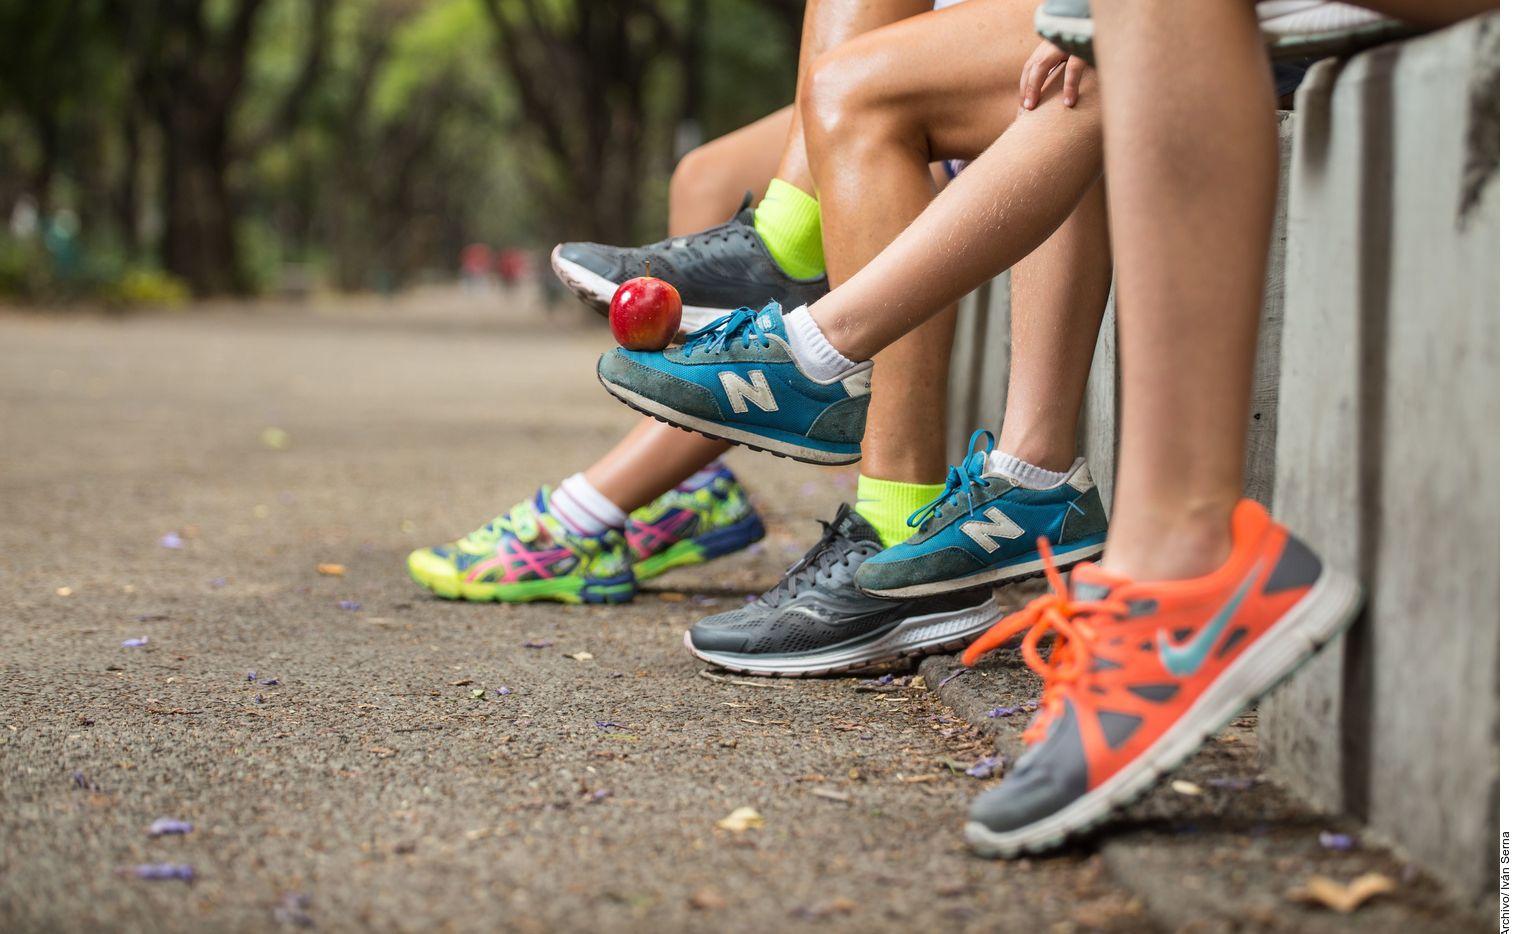 Además de ayudarte a tener un peso saludable, mejorar la circulación y aumentar tus capacidades físicas, el ejercicio fomenta el desarrollo de la disciplina, la tolerancia, la concentración y permite que el cuerpo se relaje al liberar estrés.